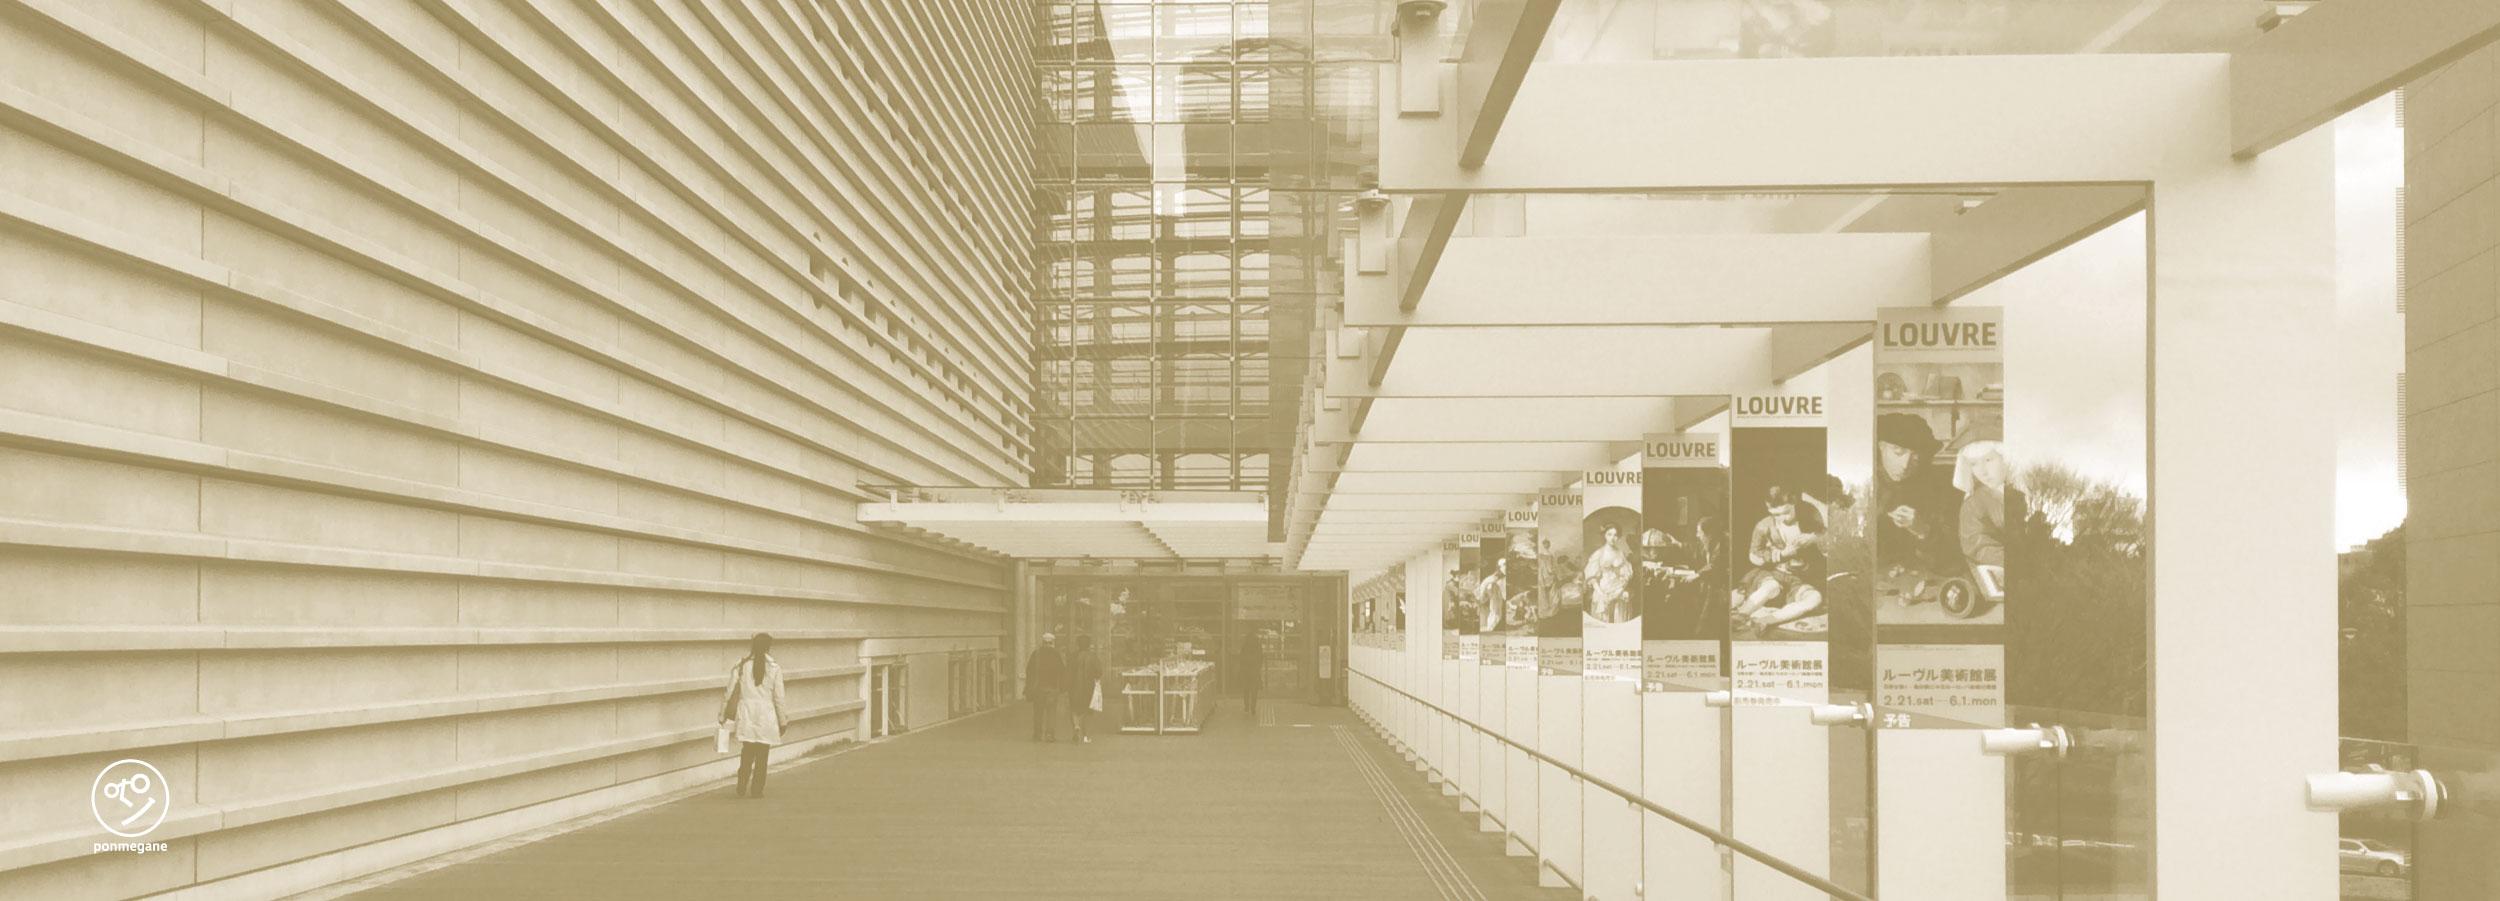 ルーヴル美術館展 ポンメガネ in 国立新美術館 アクセスイメージ